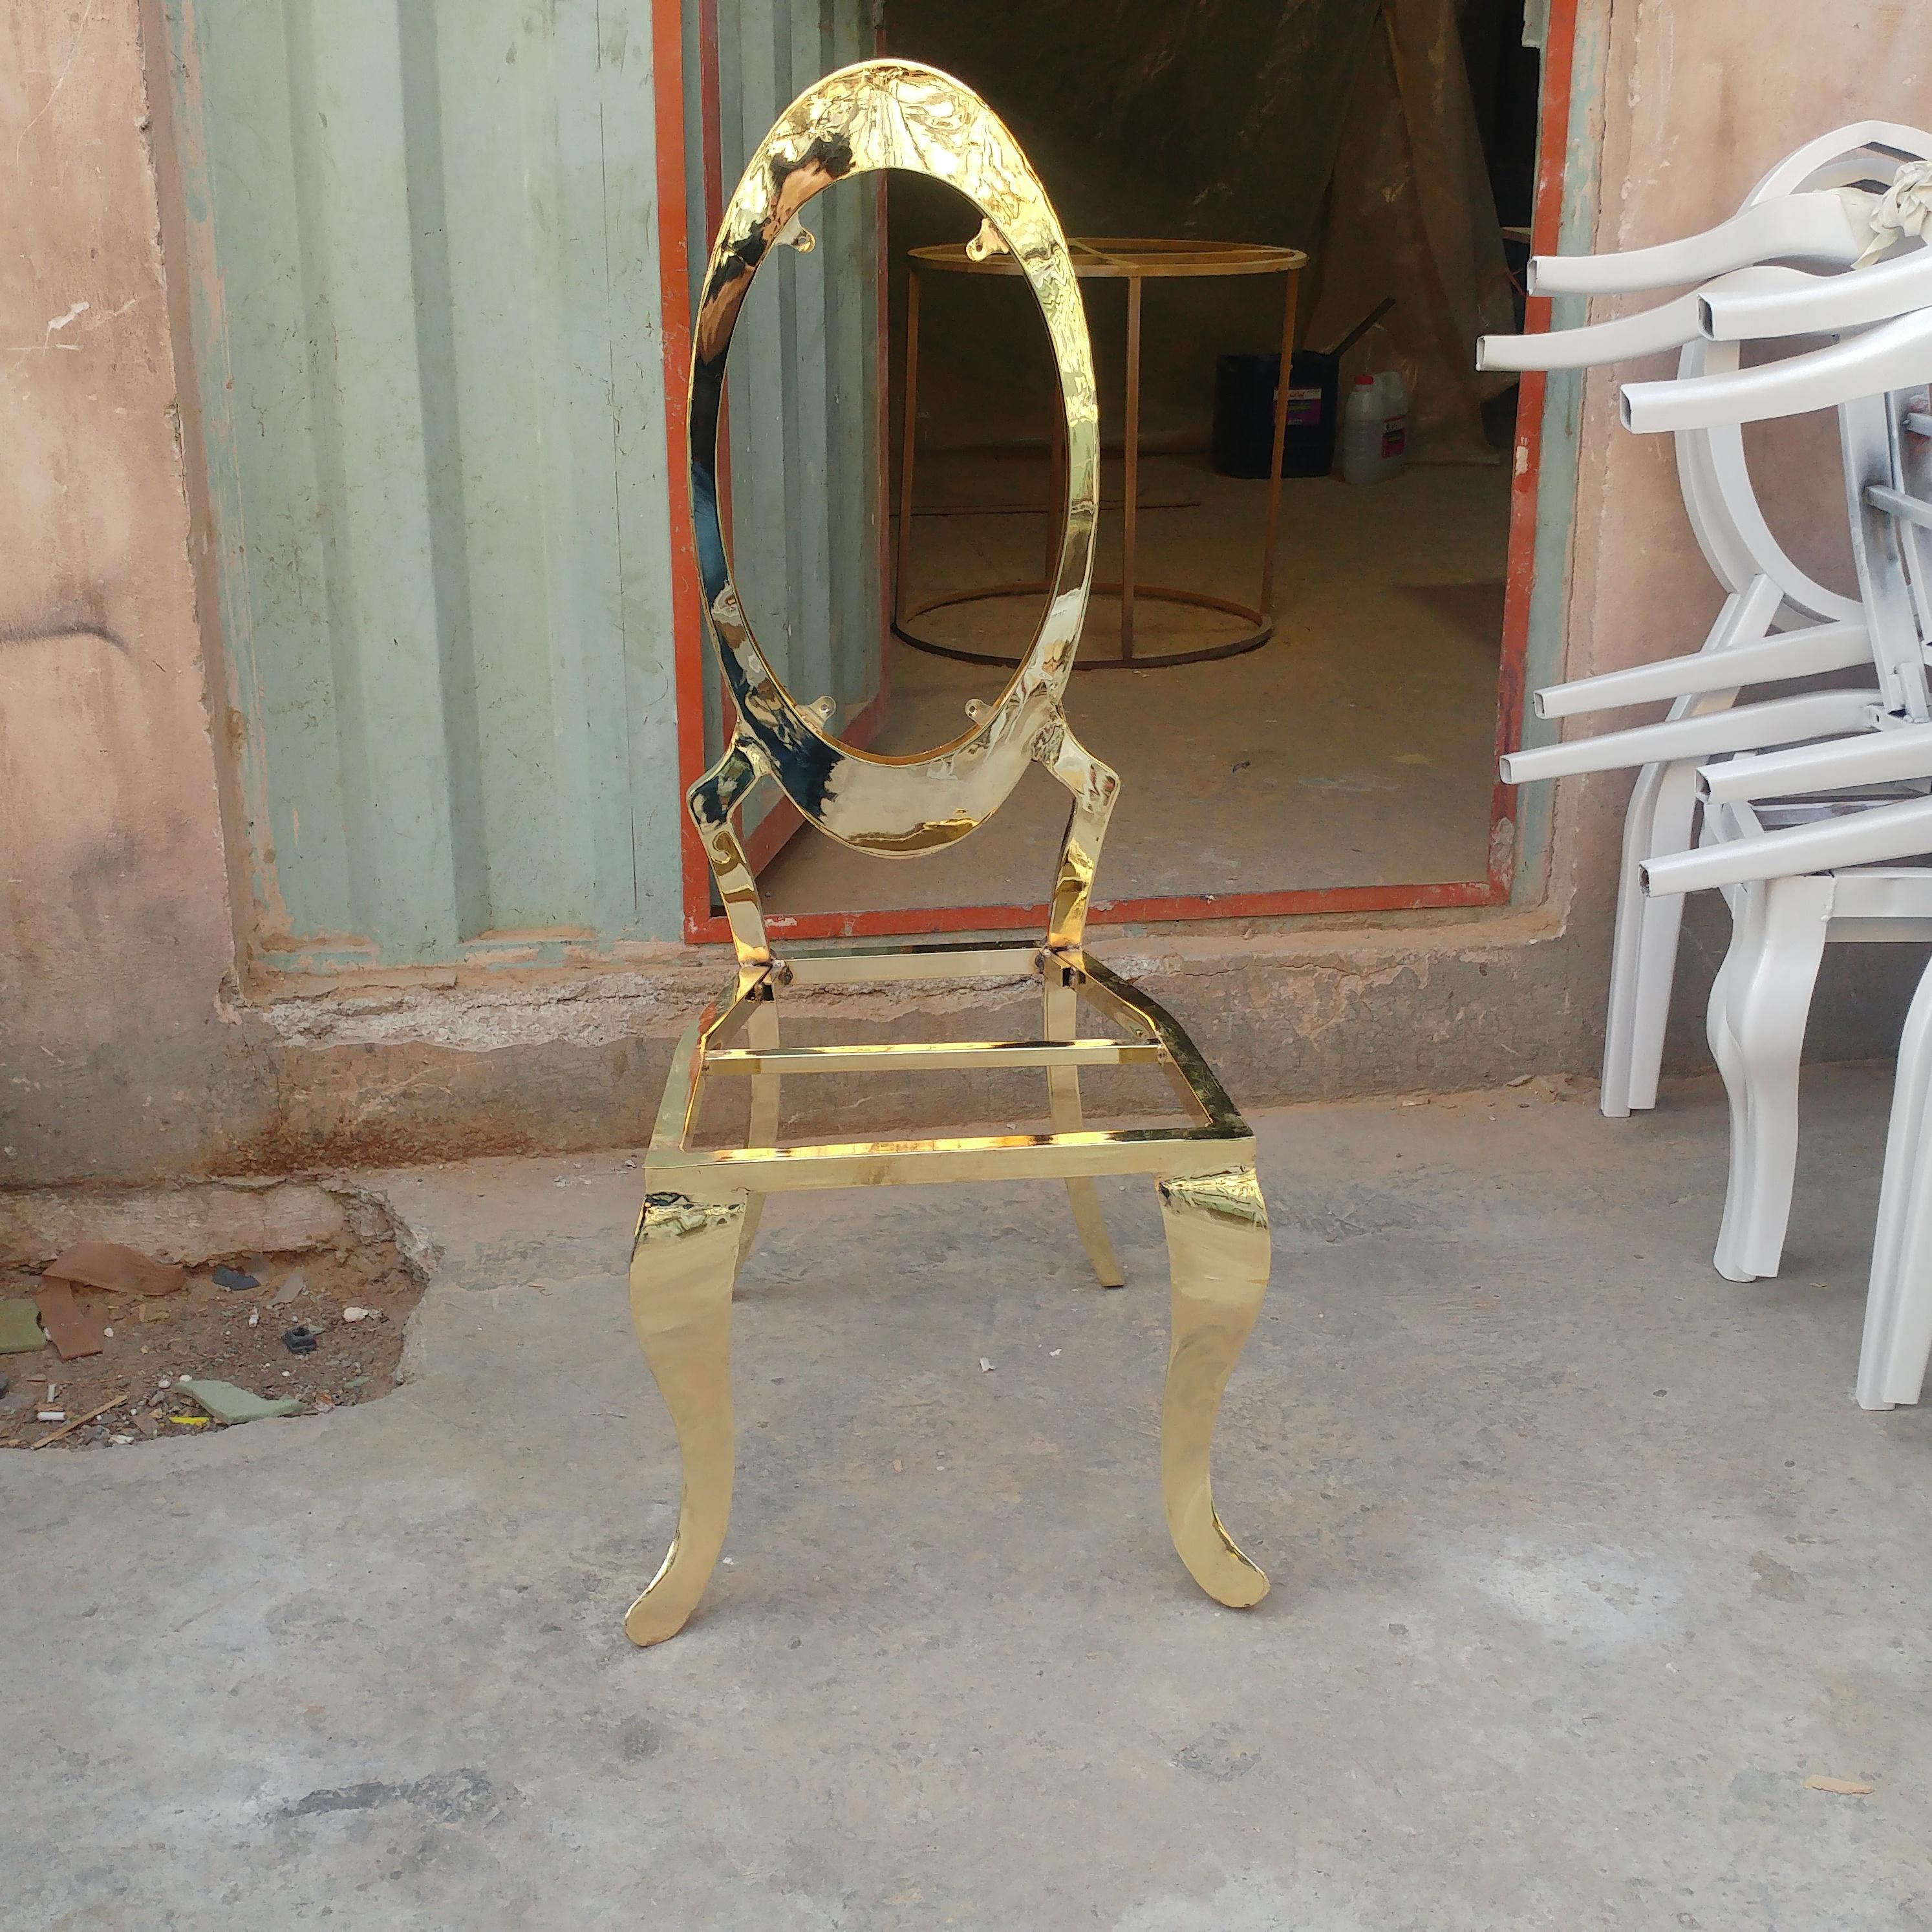 صندلی مبله تالار با ابکاری طلایی و استیل پشت بیضی